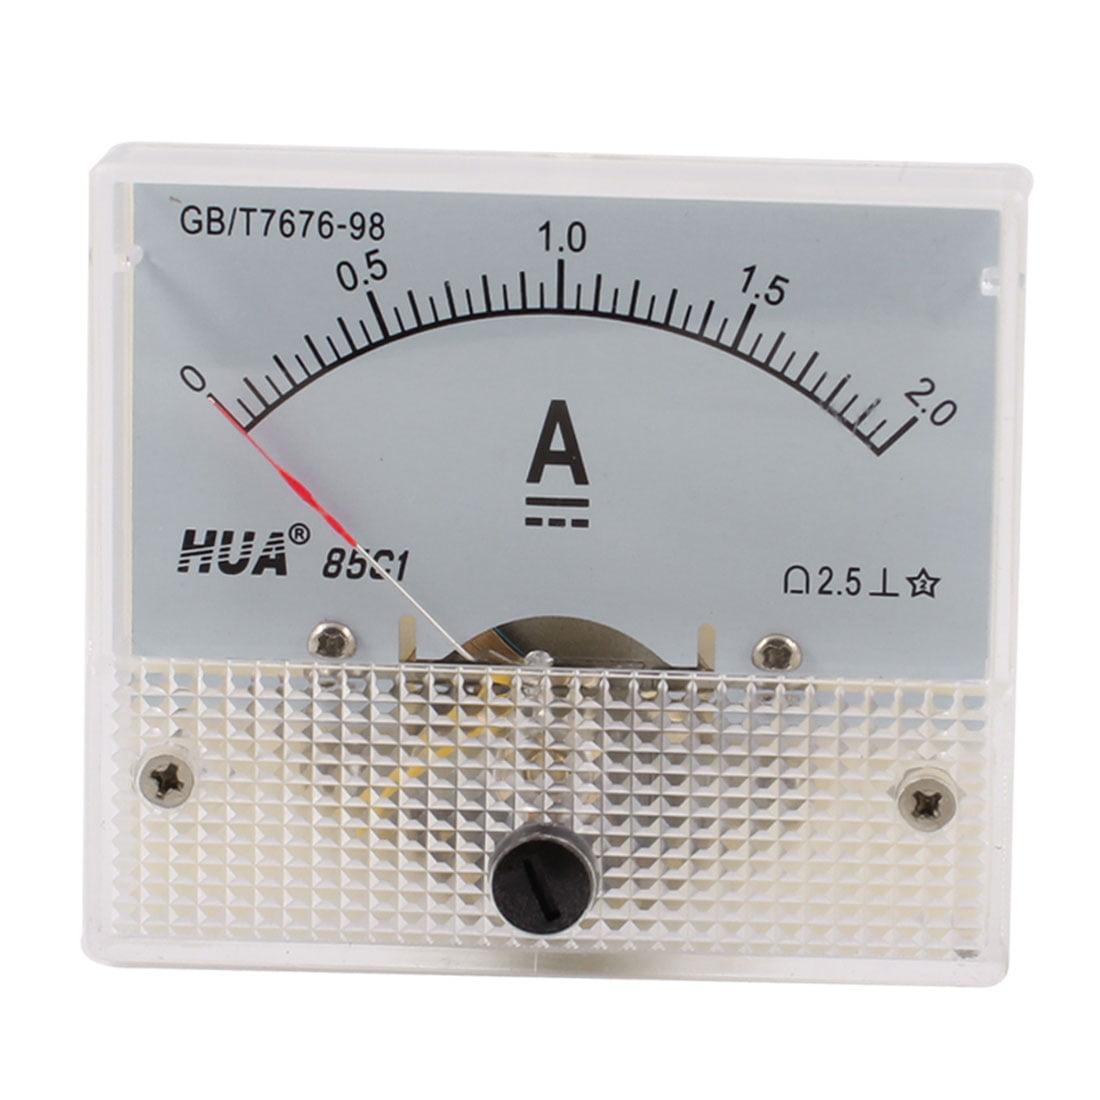 Unique Bargains Unique Bargains 85C1 DC 0-2A Rectangle Analog Amperemeter Panel Meter... by Unique-Bargains